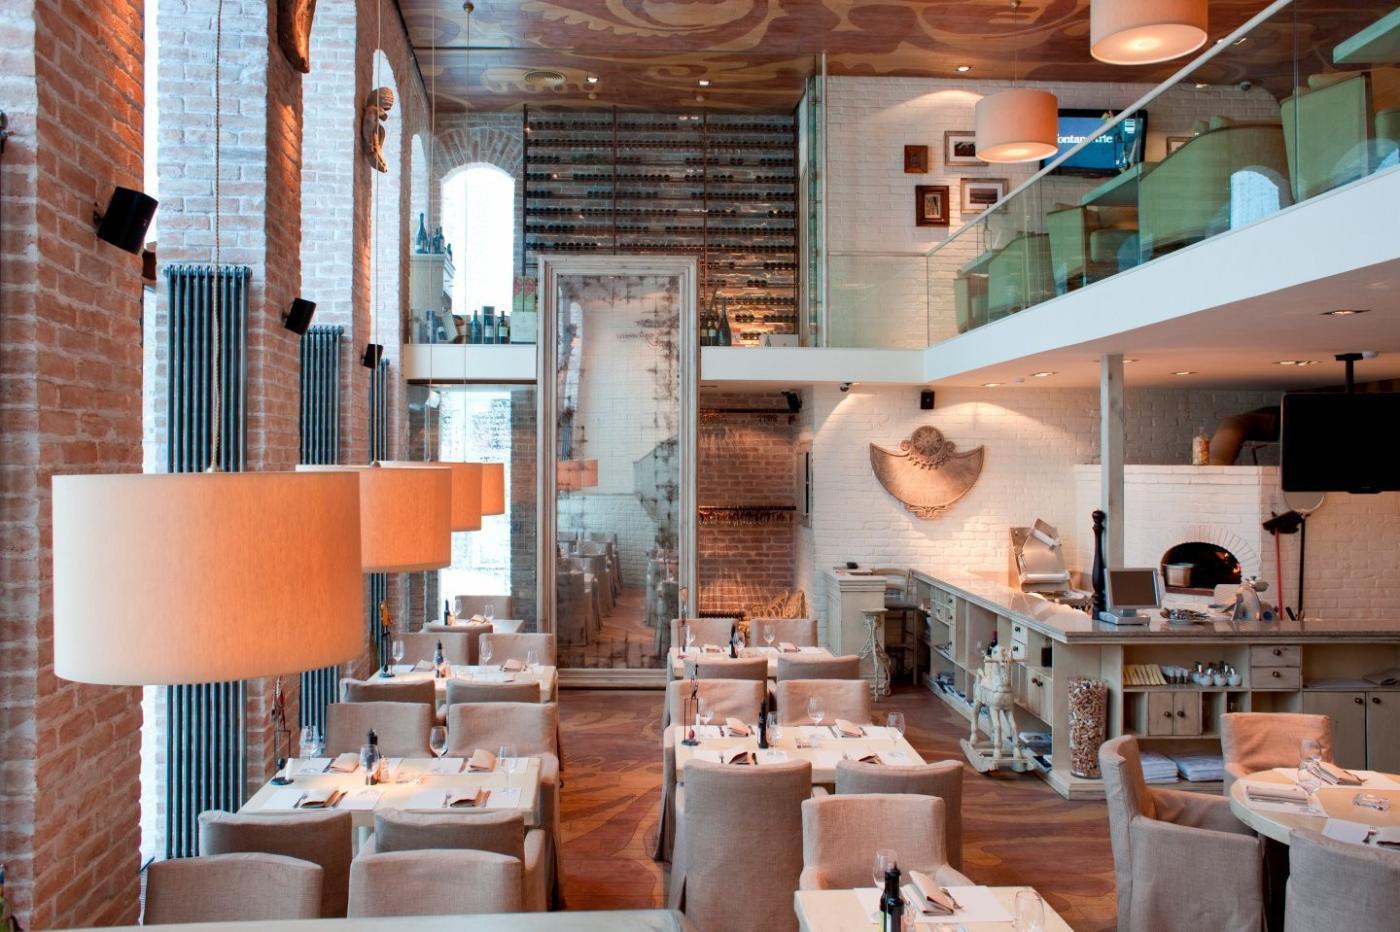 Ресторан Бокончино на Новослободской (Bocconcino - Менделеевская) фото